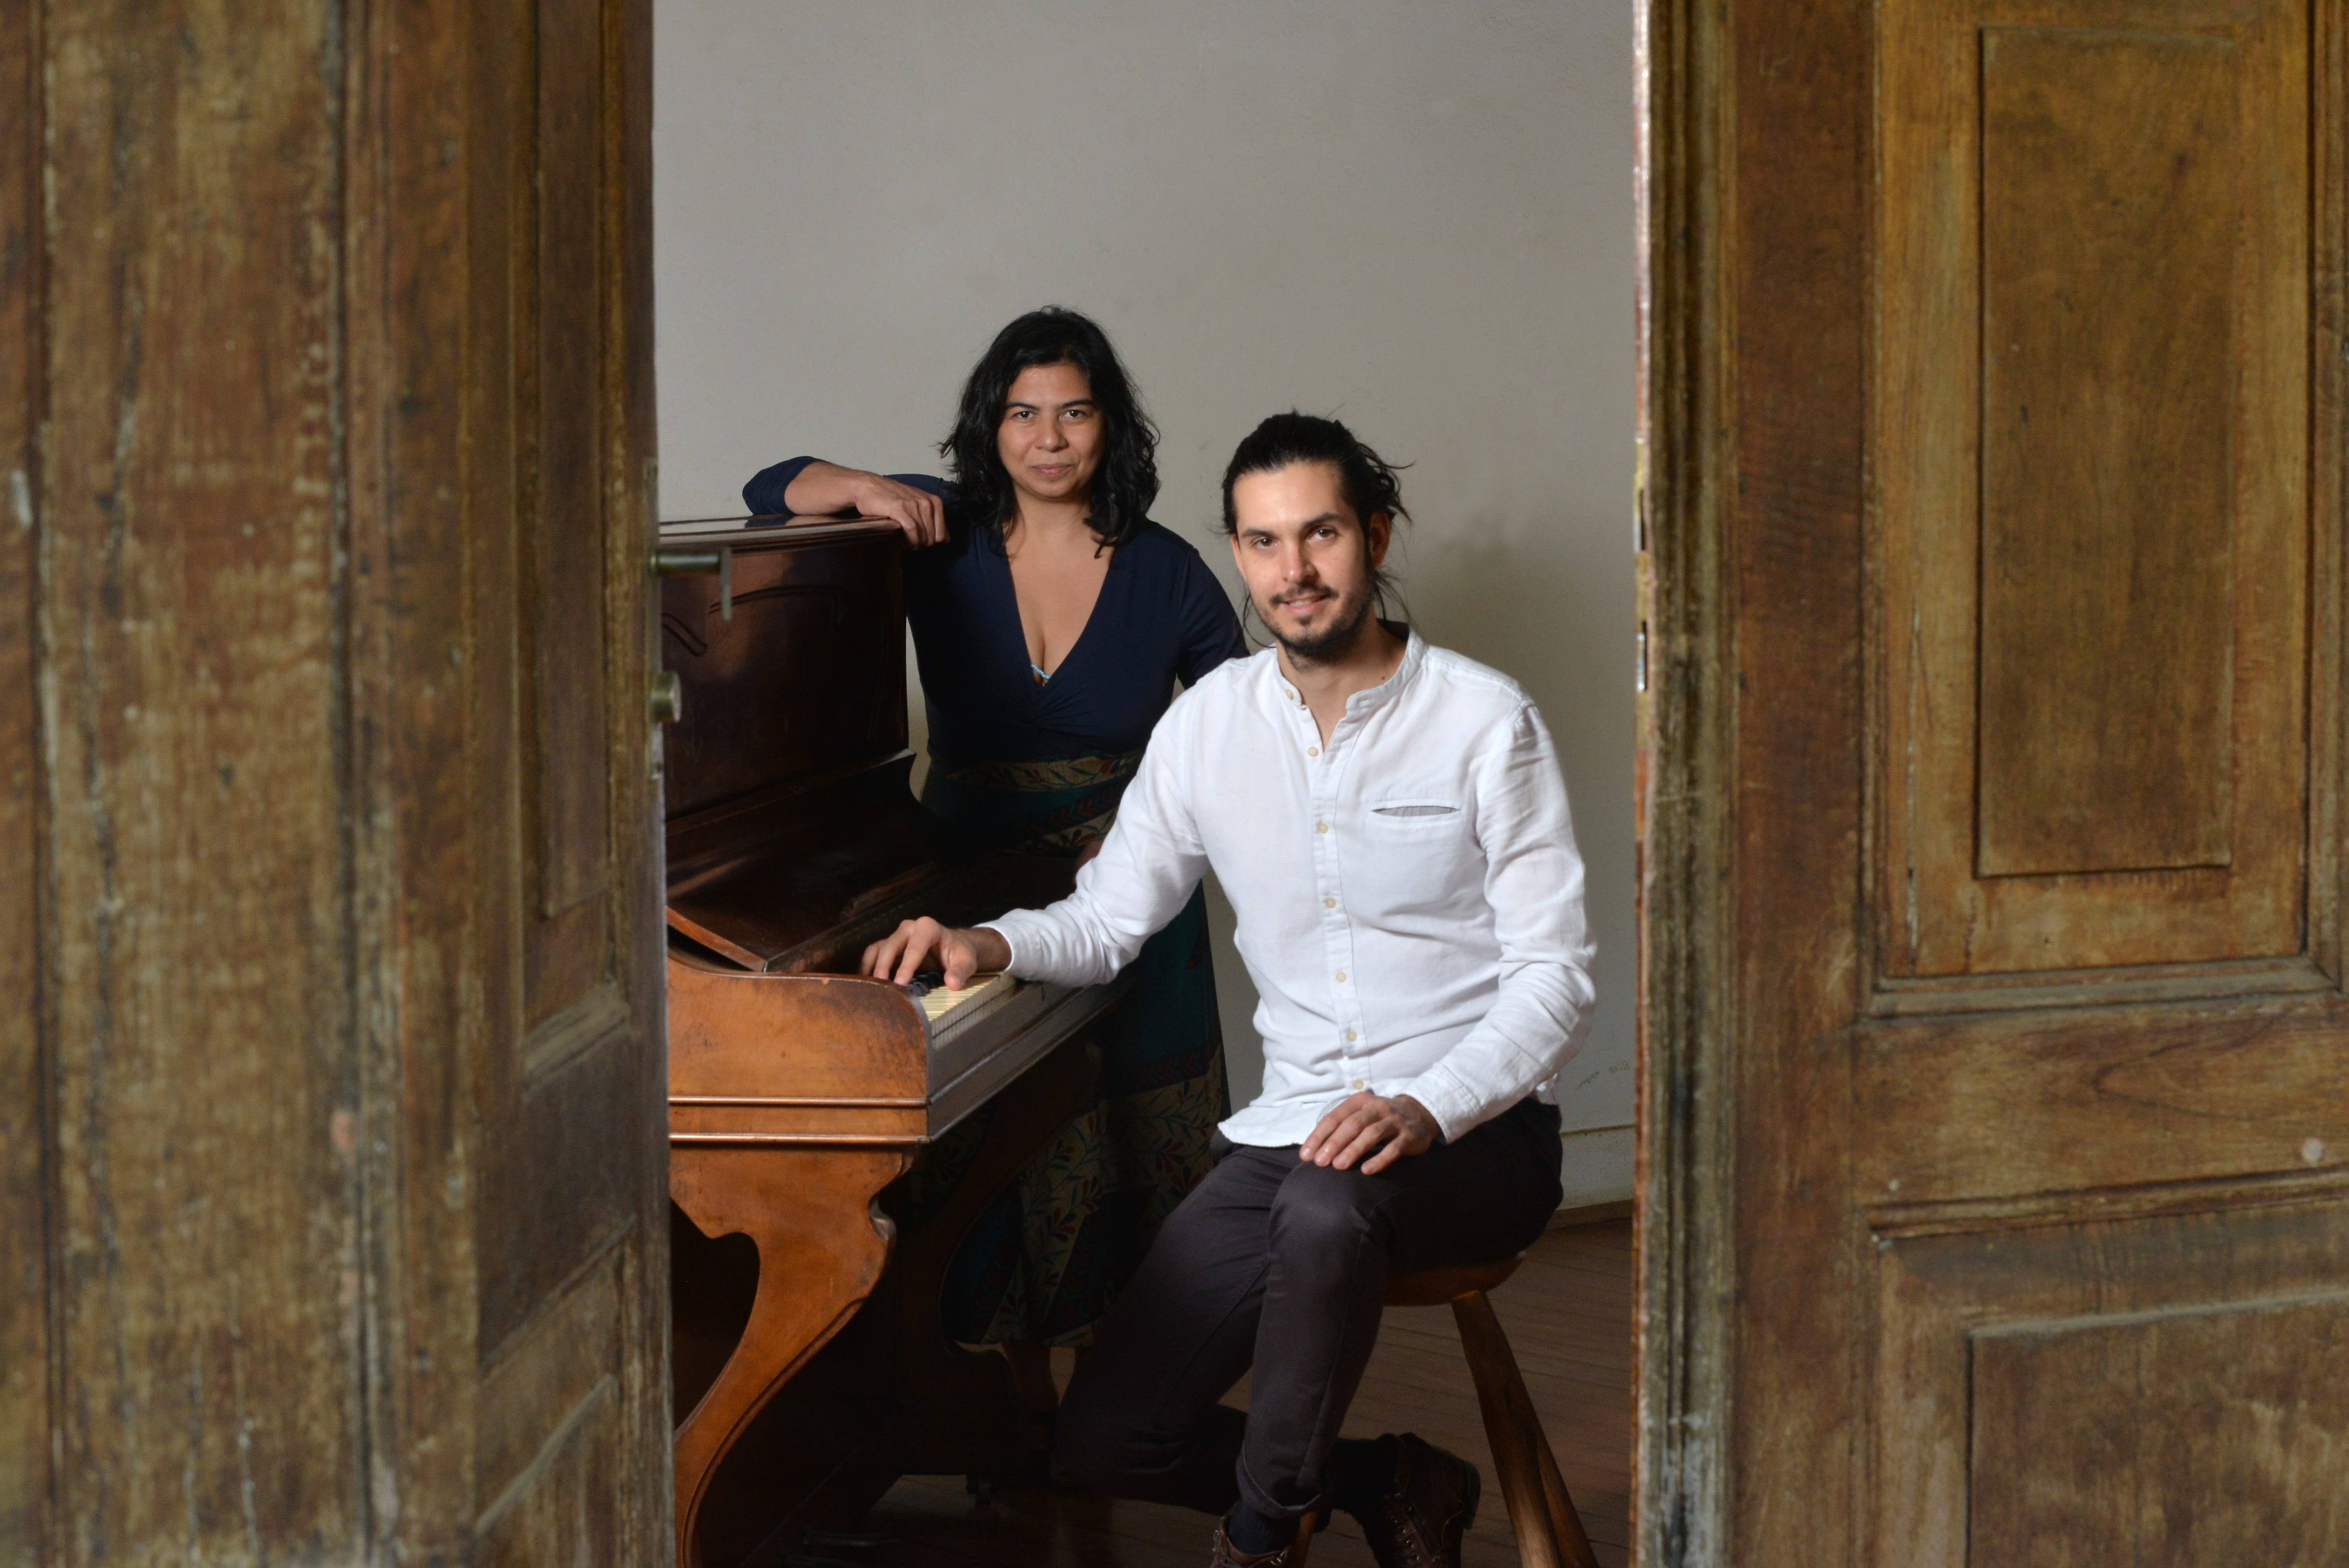 A cantora cearense Verlucia Nogueira desenvolveu, com o pianista Tiago Fusco, os arranjos e interpretações do álbum Estradar - Canções de Elomar Figueira Mello (Foto: Reinaldo Meneguim)